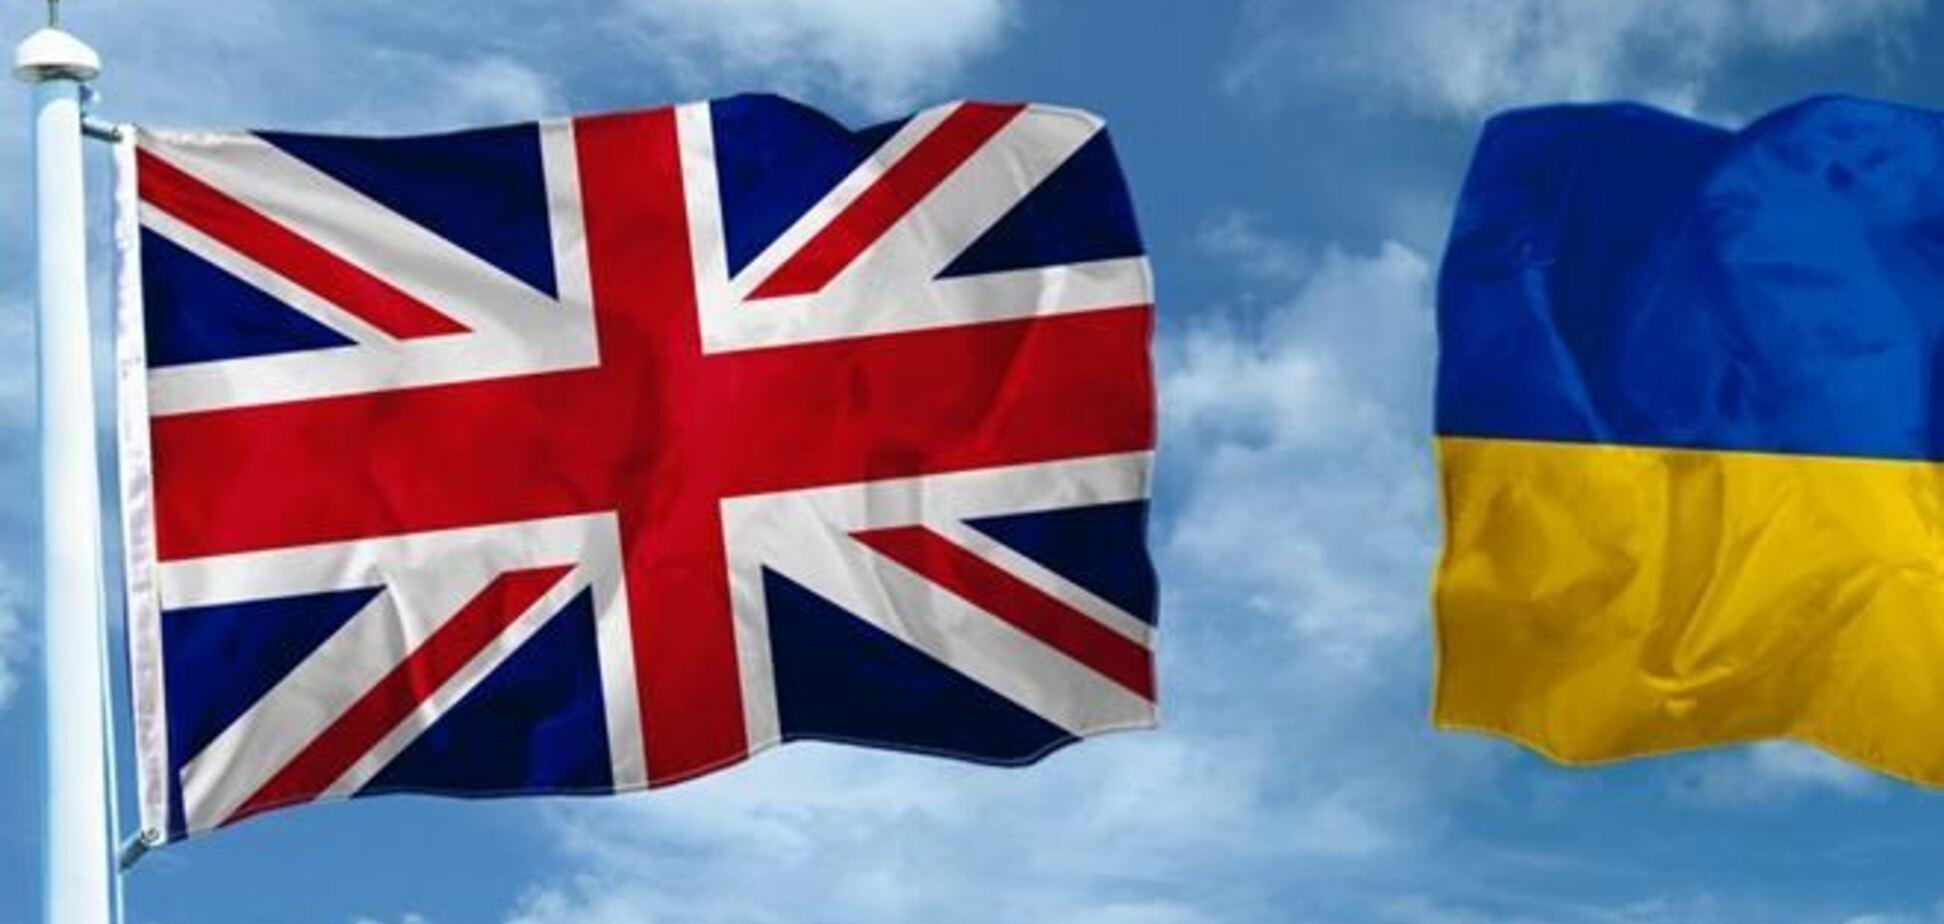 Великобритания выделяет Украине 10 млн фунтов стерлингов – Уильям Хейг